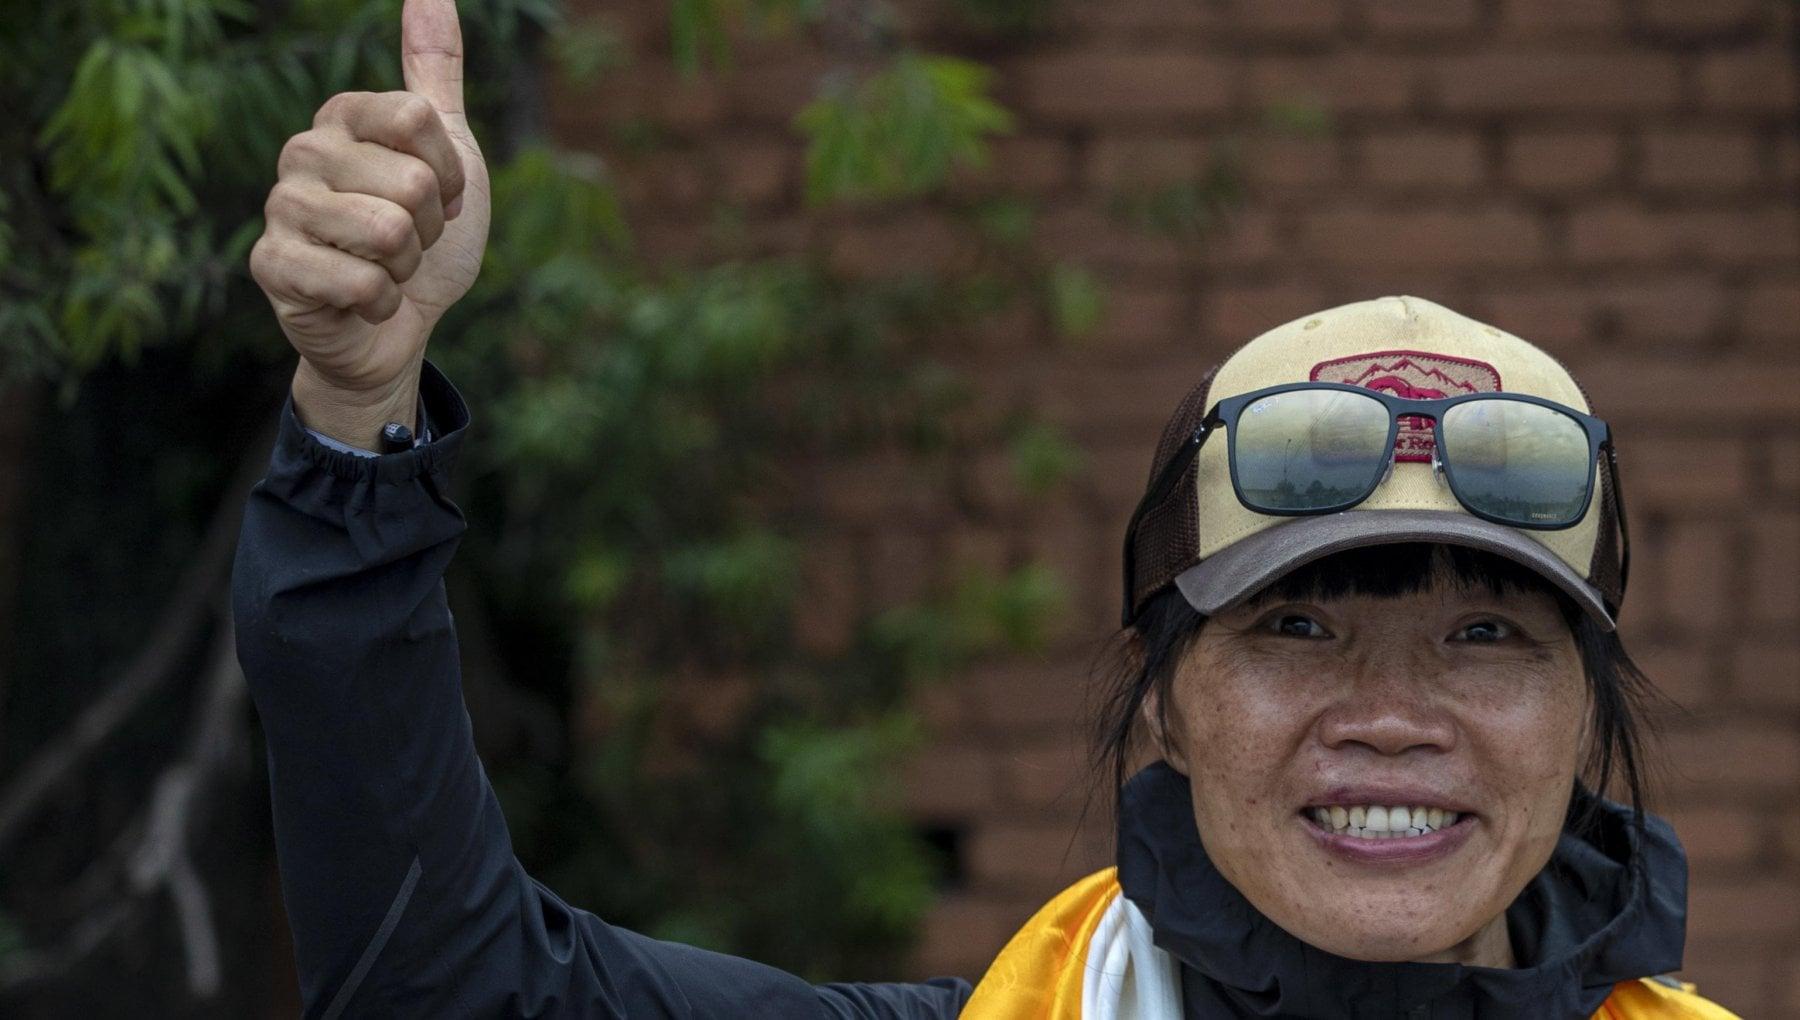 170555639 9c051fef 7e9e 4ea7 a135 d1043aa936b9 - Un'insegnante fa il record di scalata all'Everest: 13 ore in meno